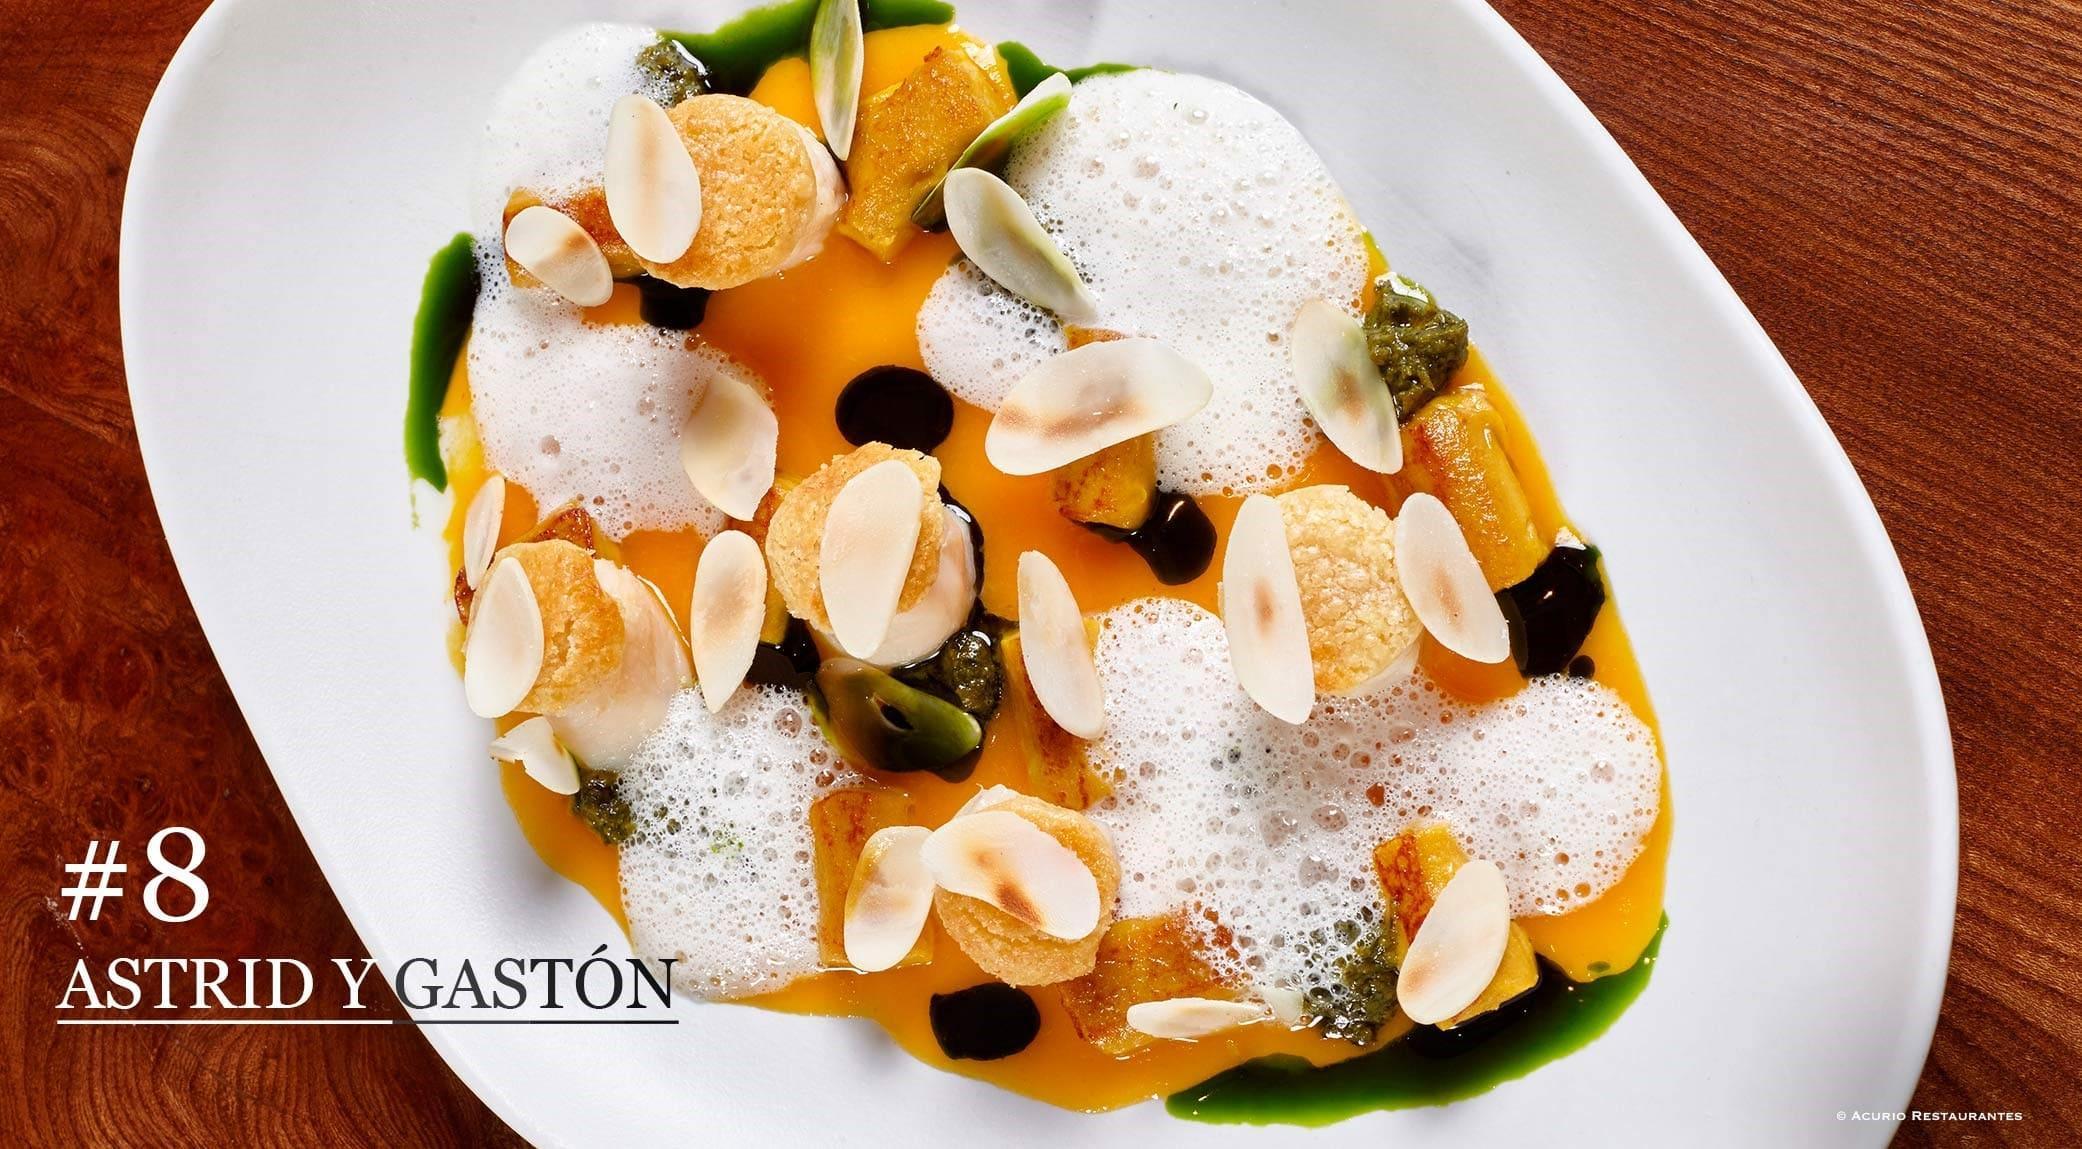 Astrid Y Gastòn Dish